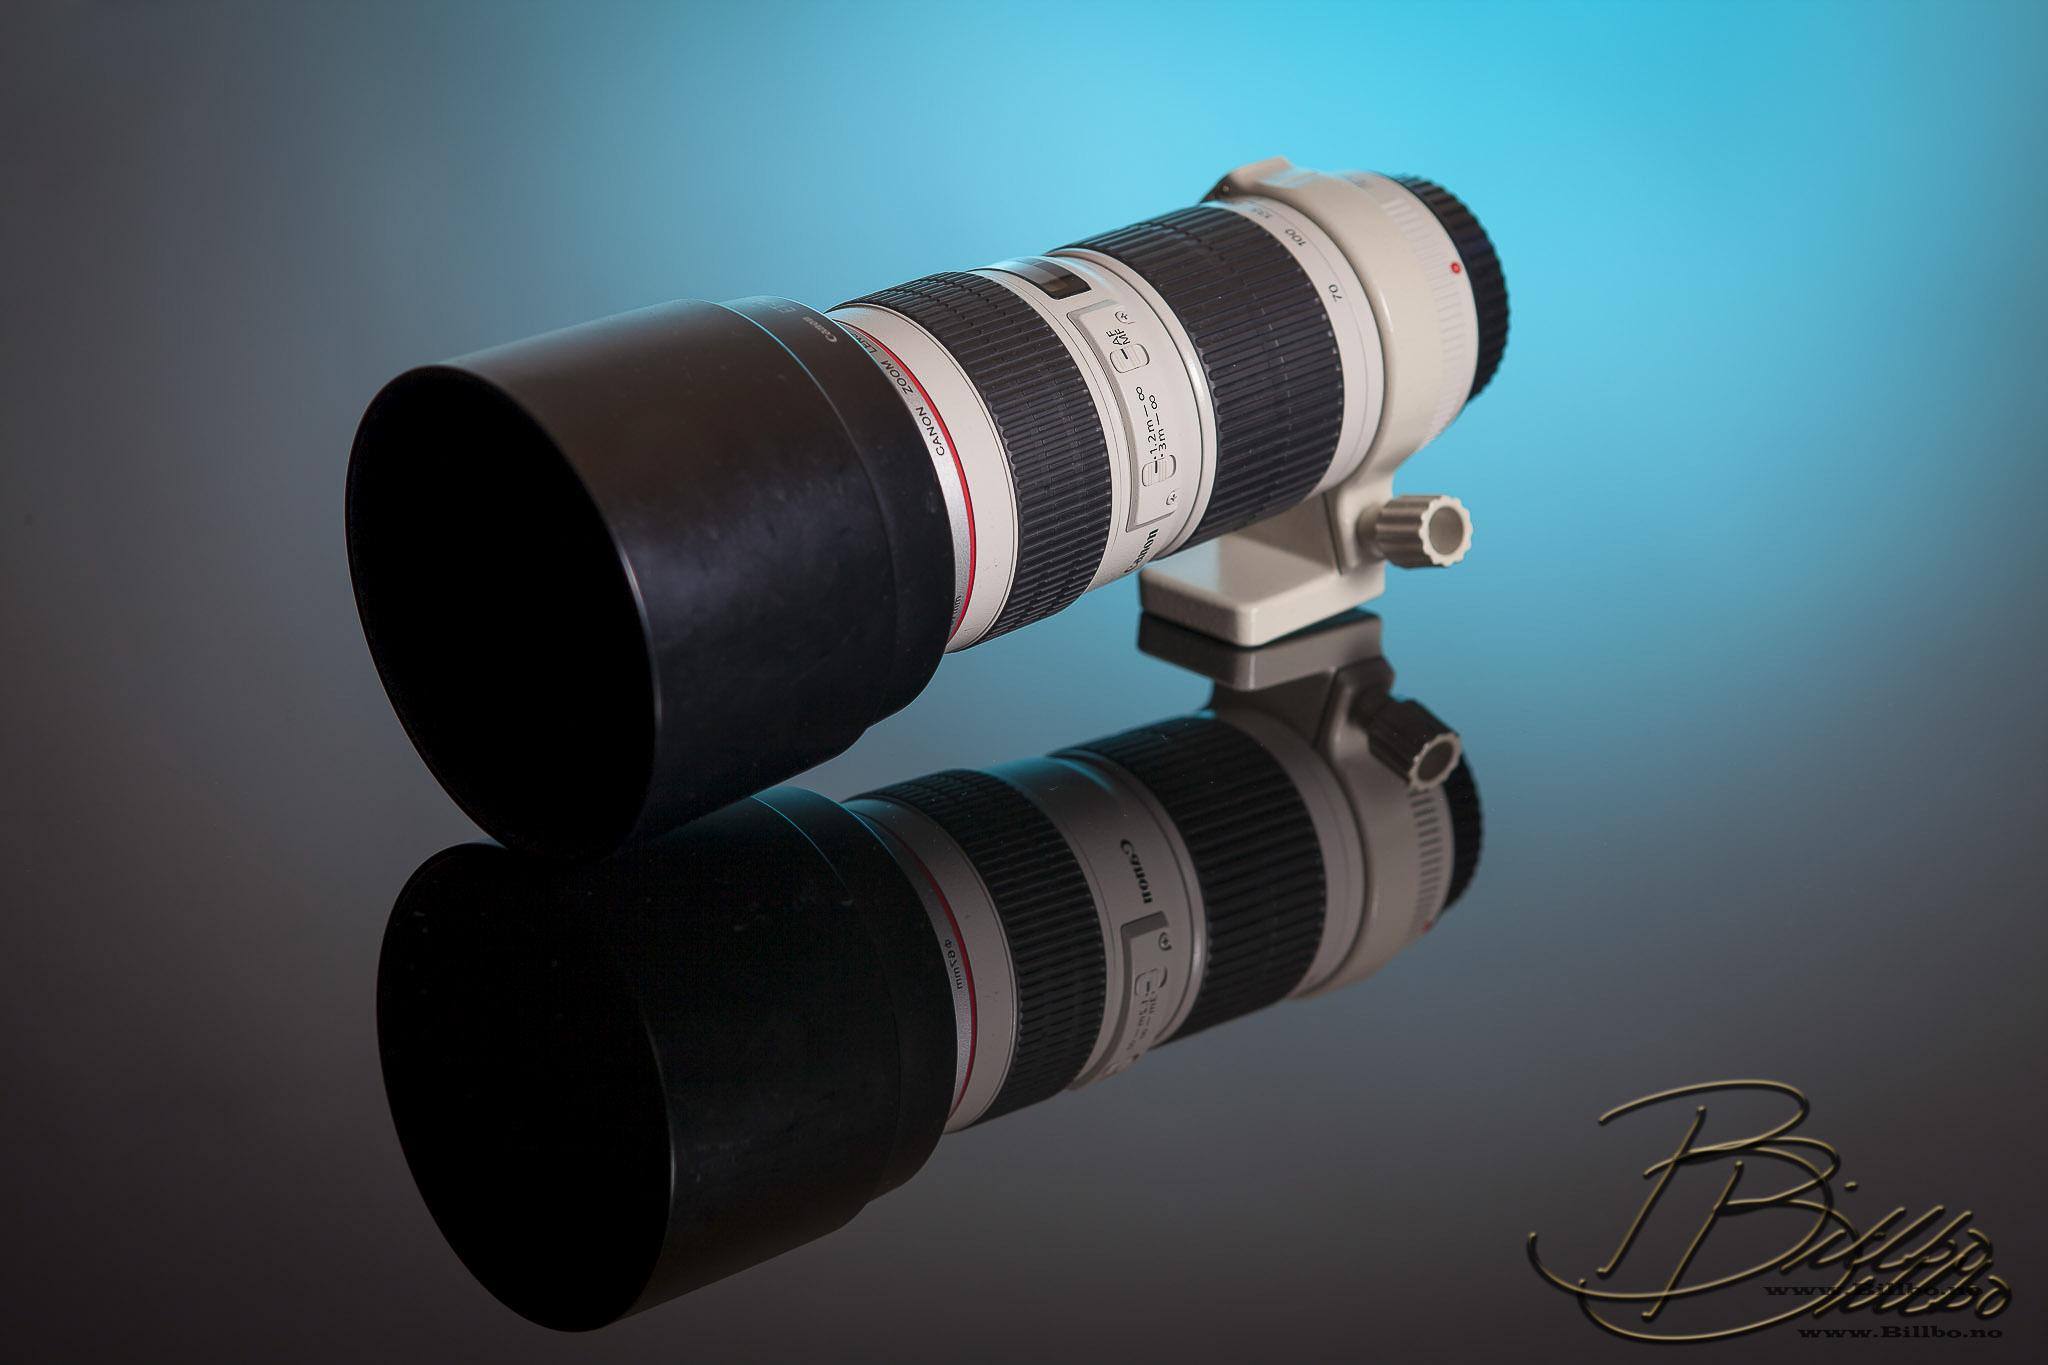 Productfoto Canon 70-200 f4 L